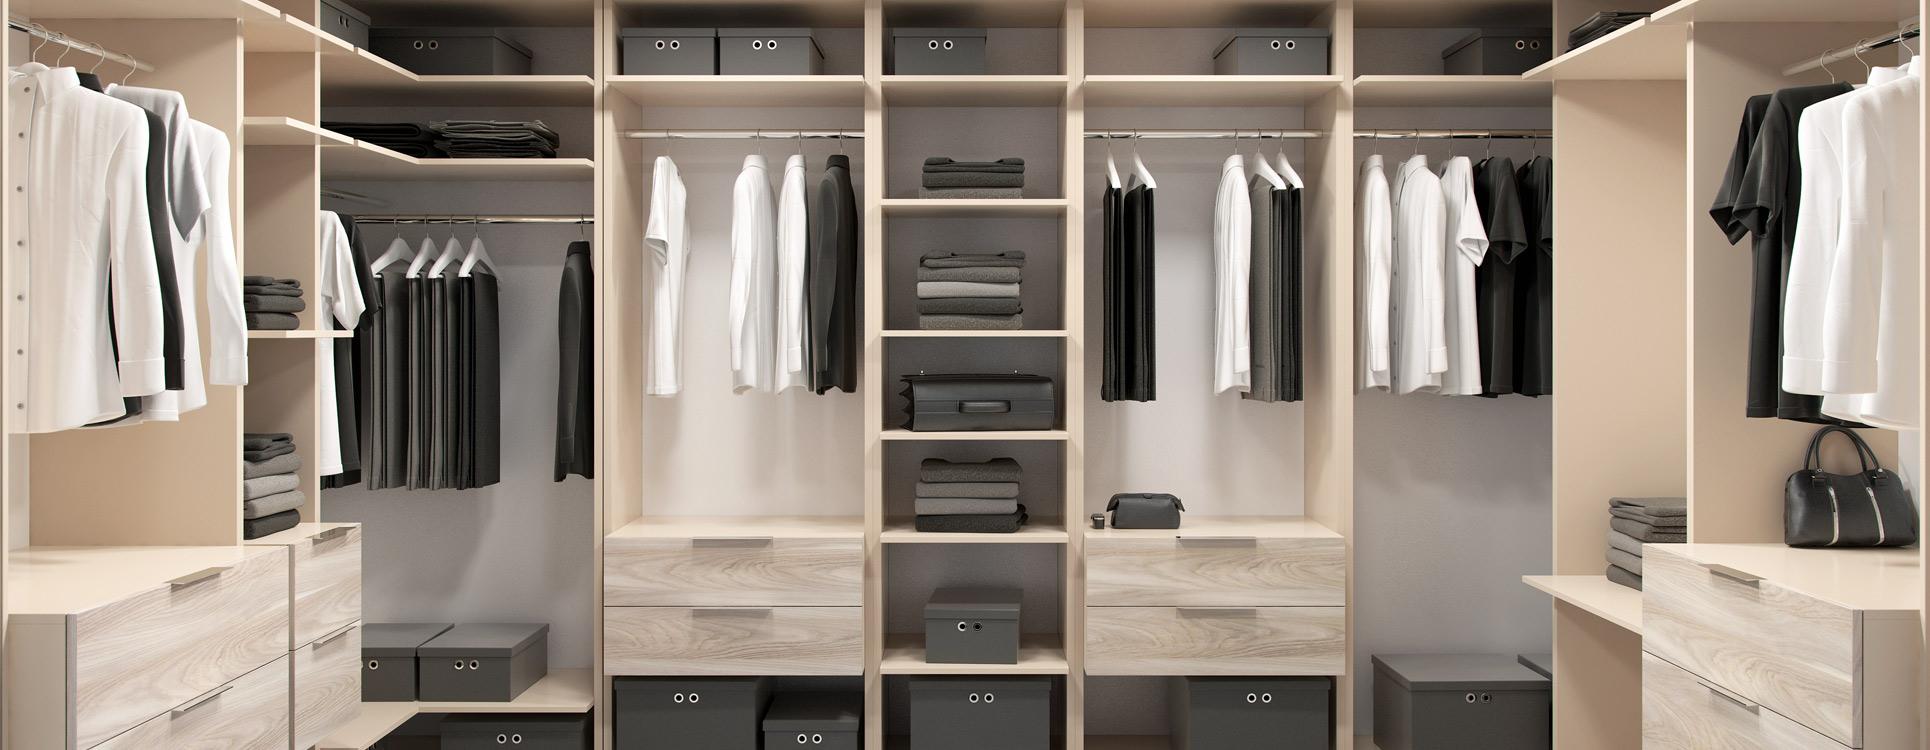 monter son dressing construire soimme son dressing modulaire un dressing pour votre garderobe. Black Bedroom Furniture Sets. Home Design Ideas